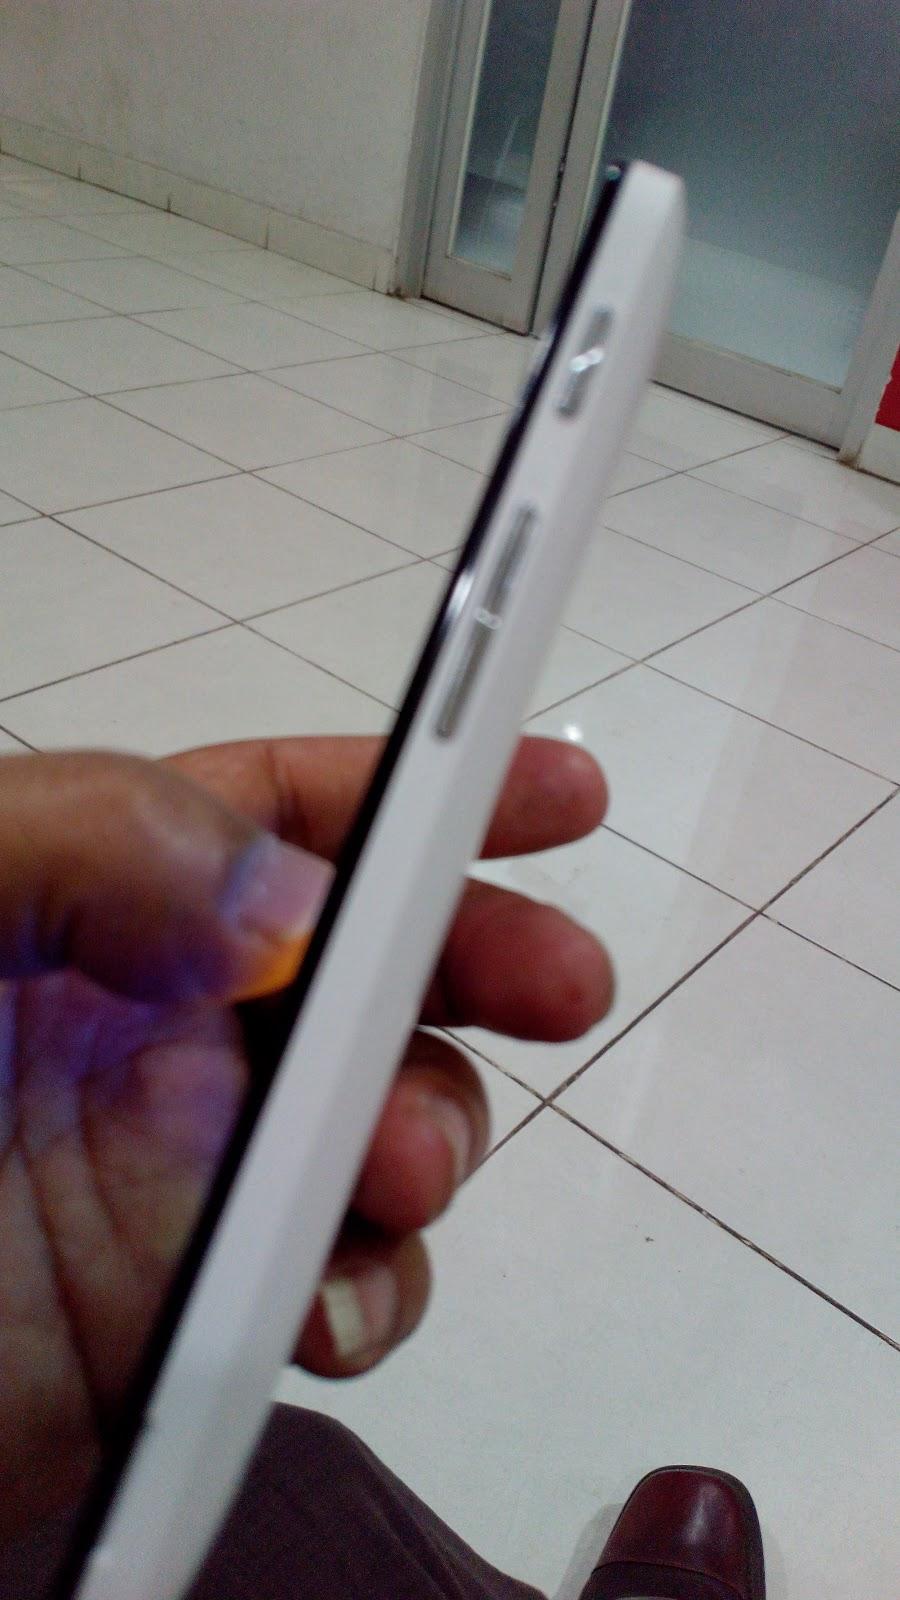 Techno And Social Media Blog Hands On Asus Zenfone 4s C New Zenfone4s Zc451cg Demikian Pengalaman Pertama Menggunakan Semoga Bisa Membantu Memutuskan Pembelian Anda Pendapat Saya Sendiri Ini Sangat